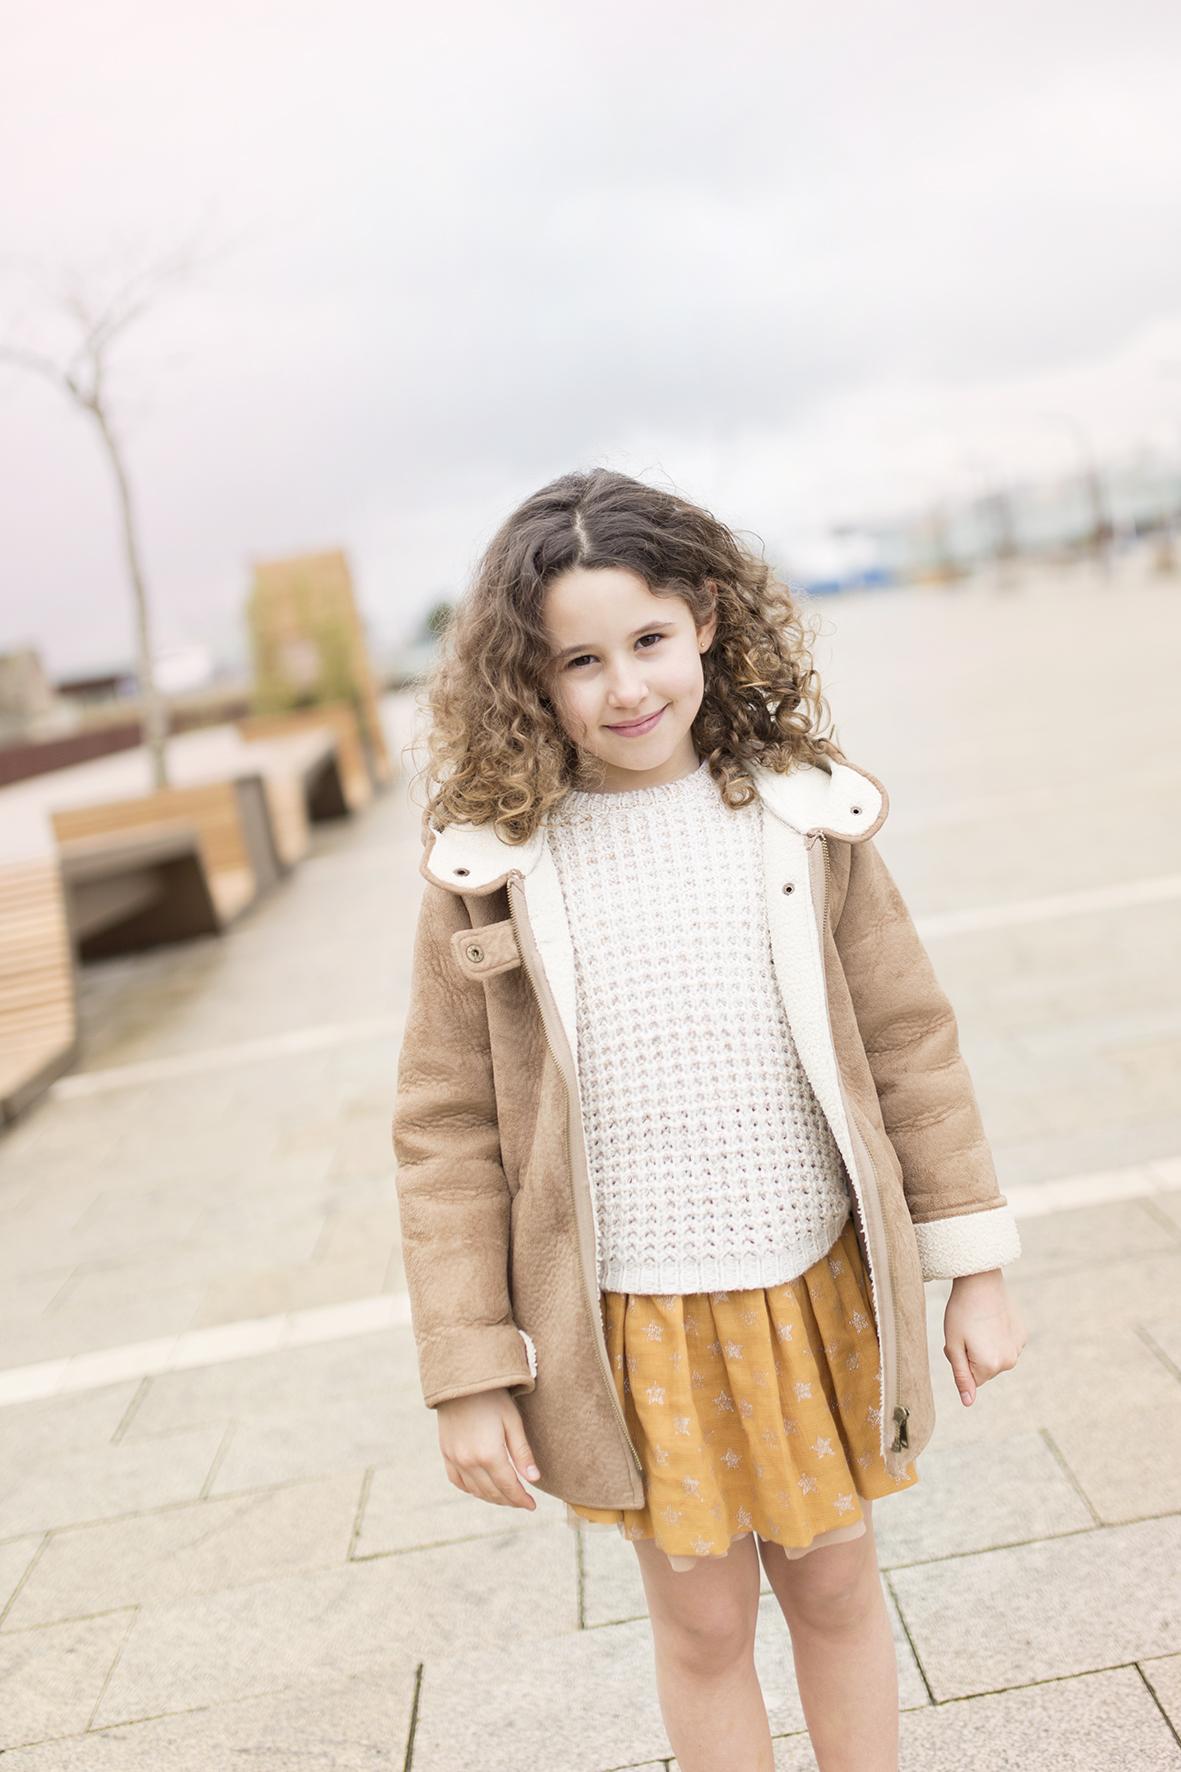 zara soft-jimena-streetstyle- kids-Zara -minime-moda-ZARA nueva colección-coruña-blogger-descalzaporelparque-fashion